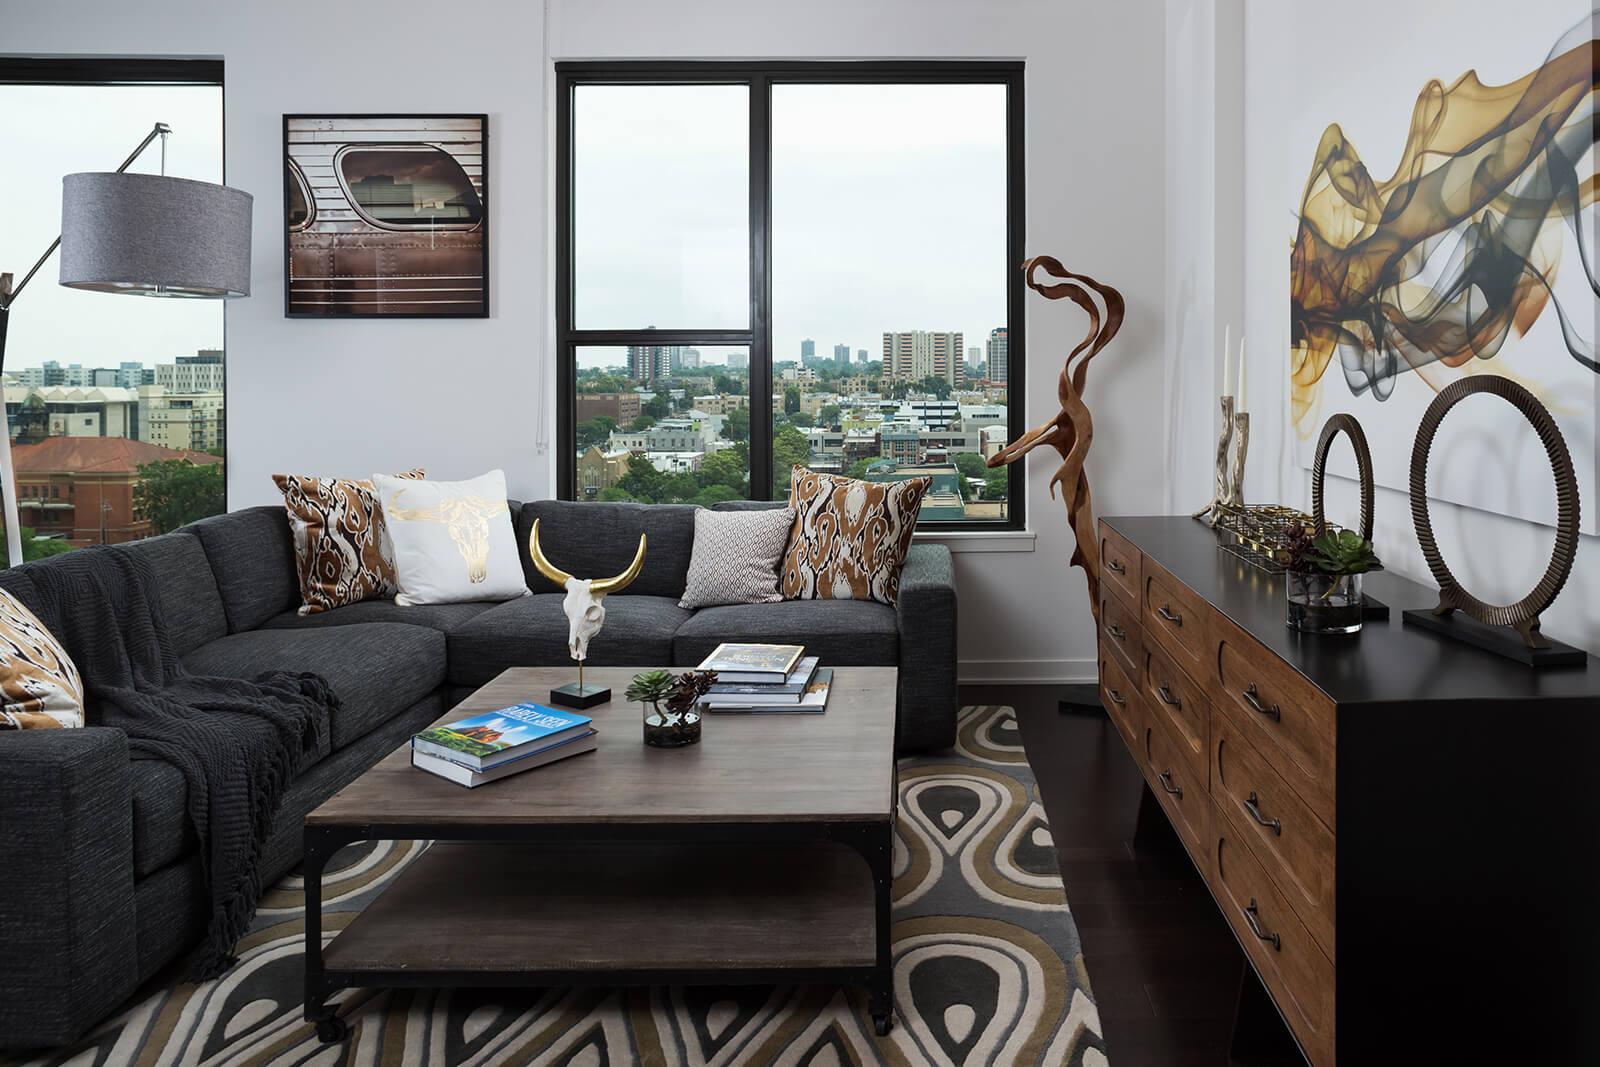 Sophisticated Apartment Living at 1000 Speer by Windsor, 1000 Speer Blvd., Denver